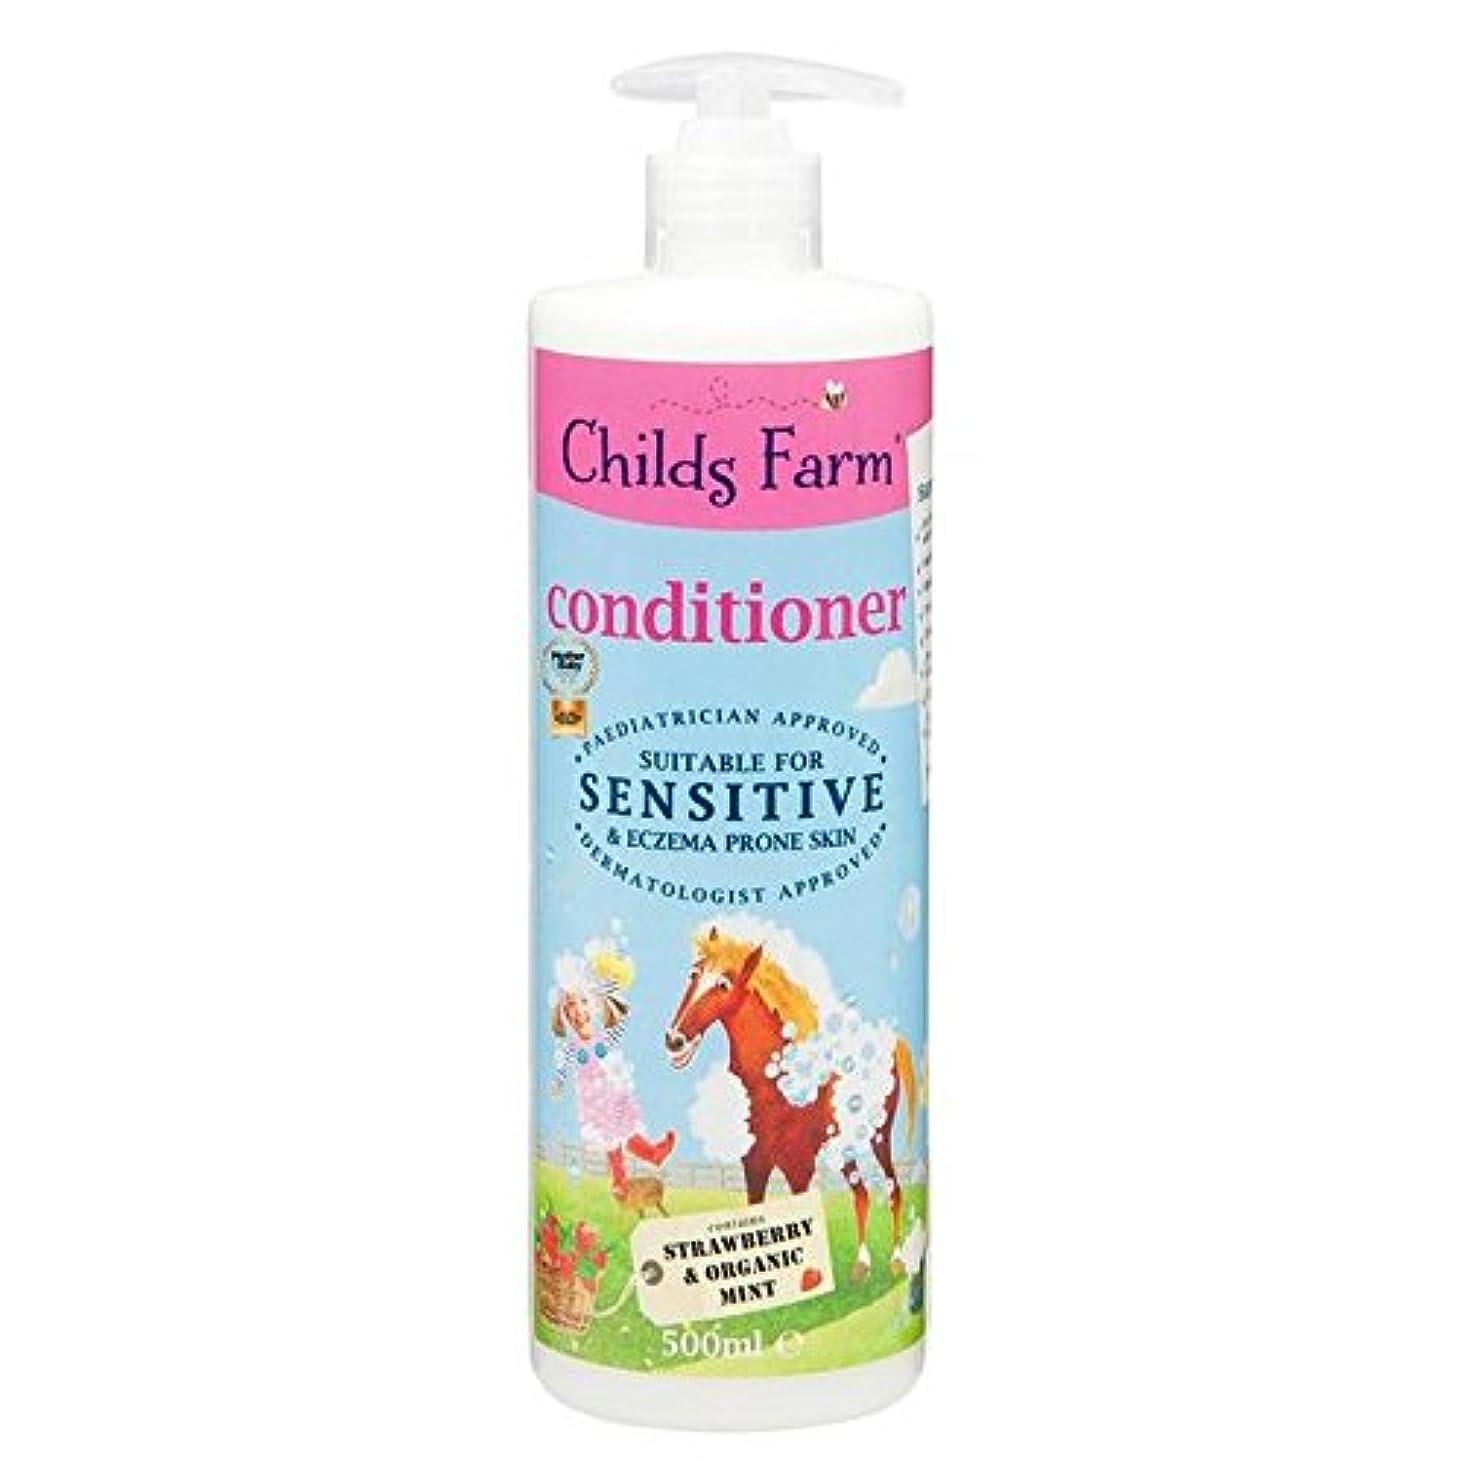 単調なタウポ湖地殻Childs Farm Conditioner for Unruly Hair 500ml (Pack of 6) - 手に負えない髪の500ミリリットルのためのチャイルズファームコンディショナー x6 [並行輸入品]